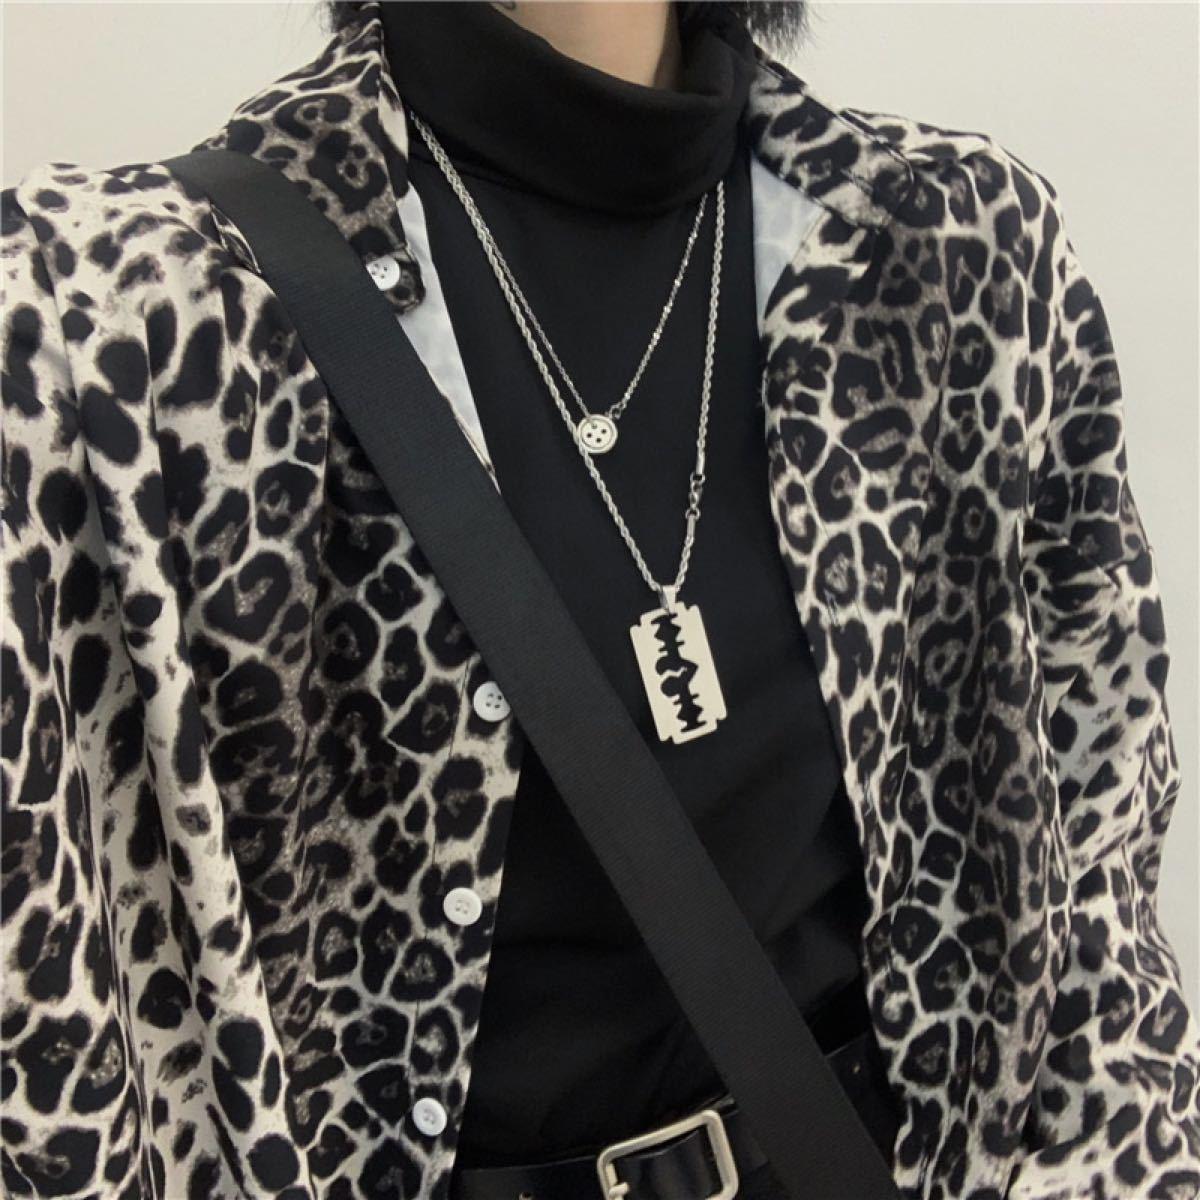 ヒョウ柄【新品】【美品】 モード系 長袖 柄シャツ アニマル 男女兼用